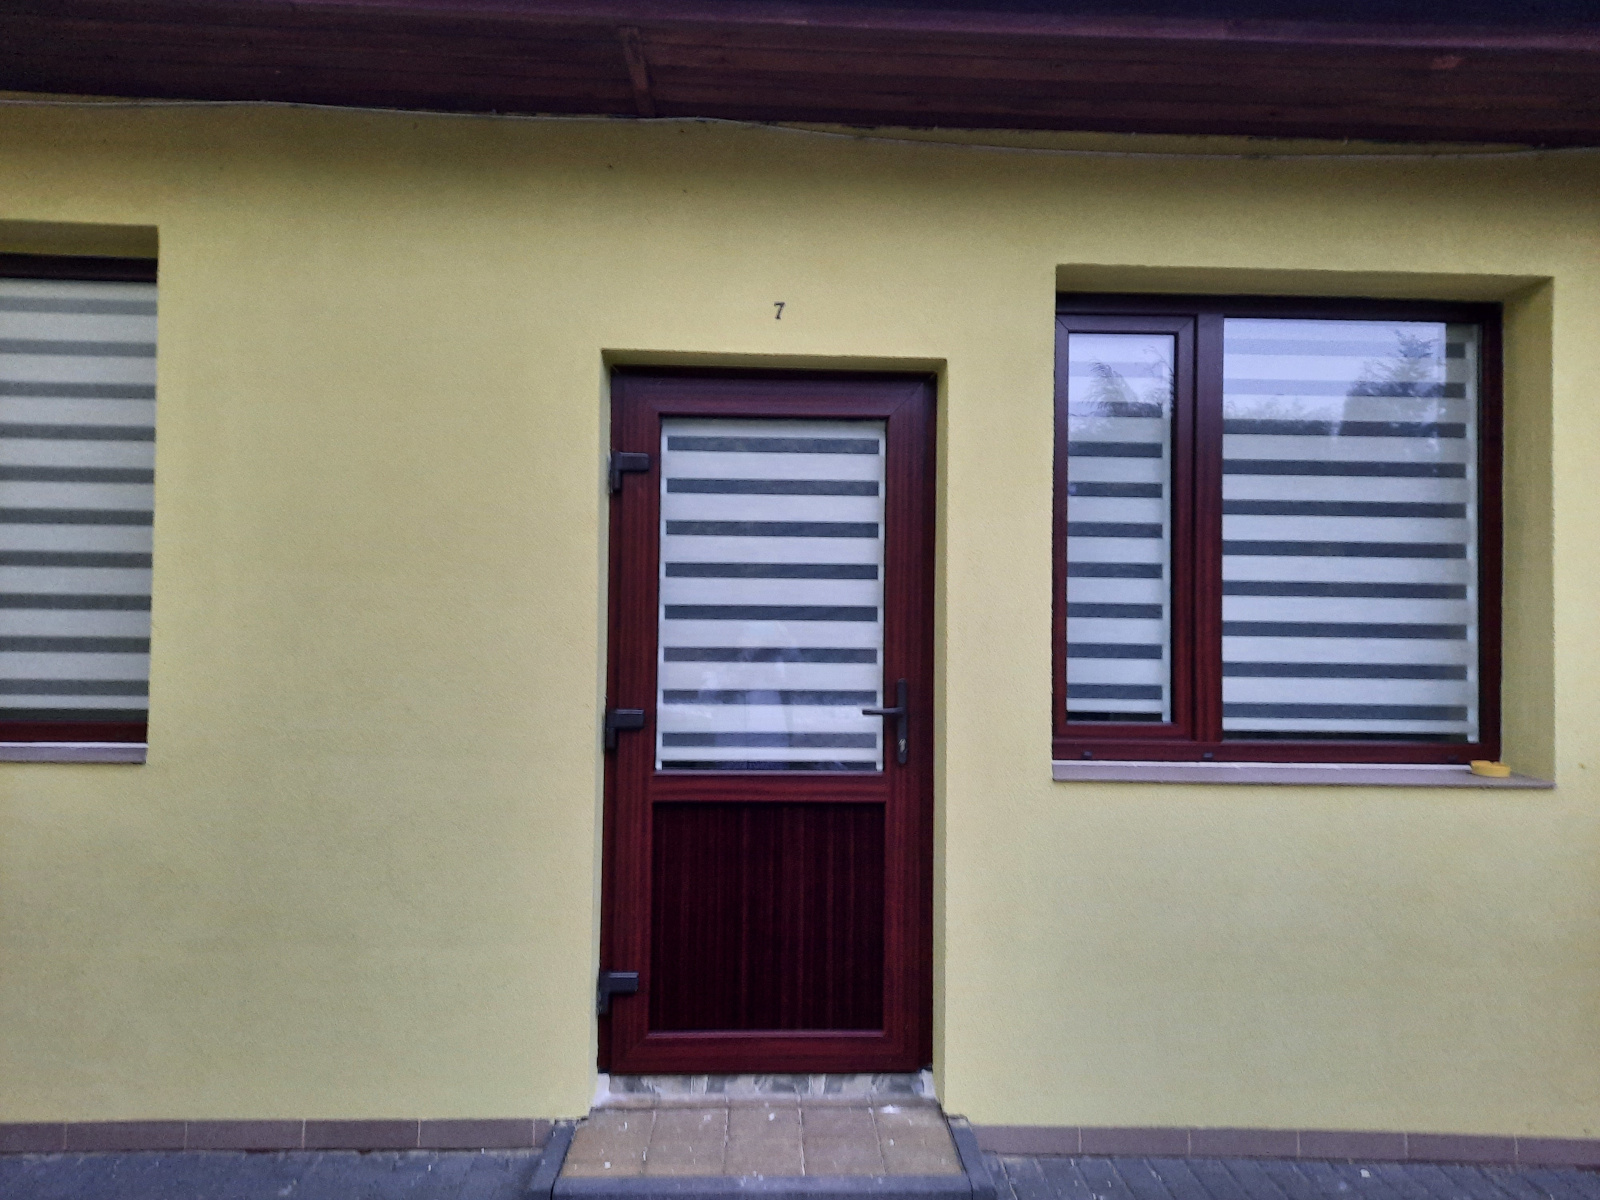 Studio 7 - wejście